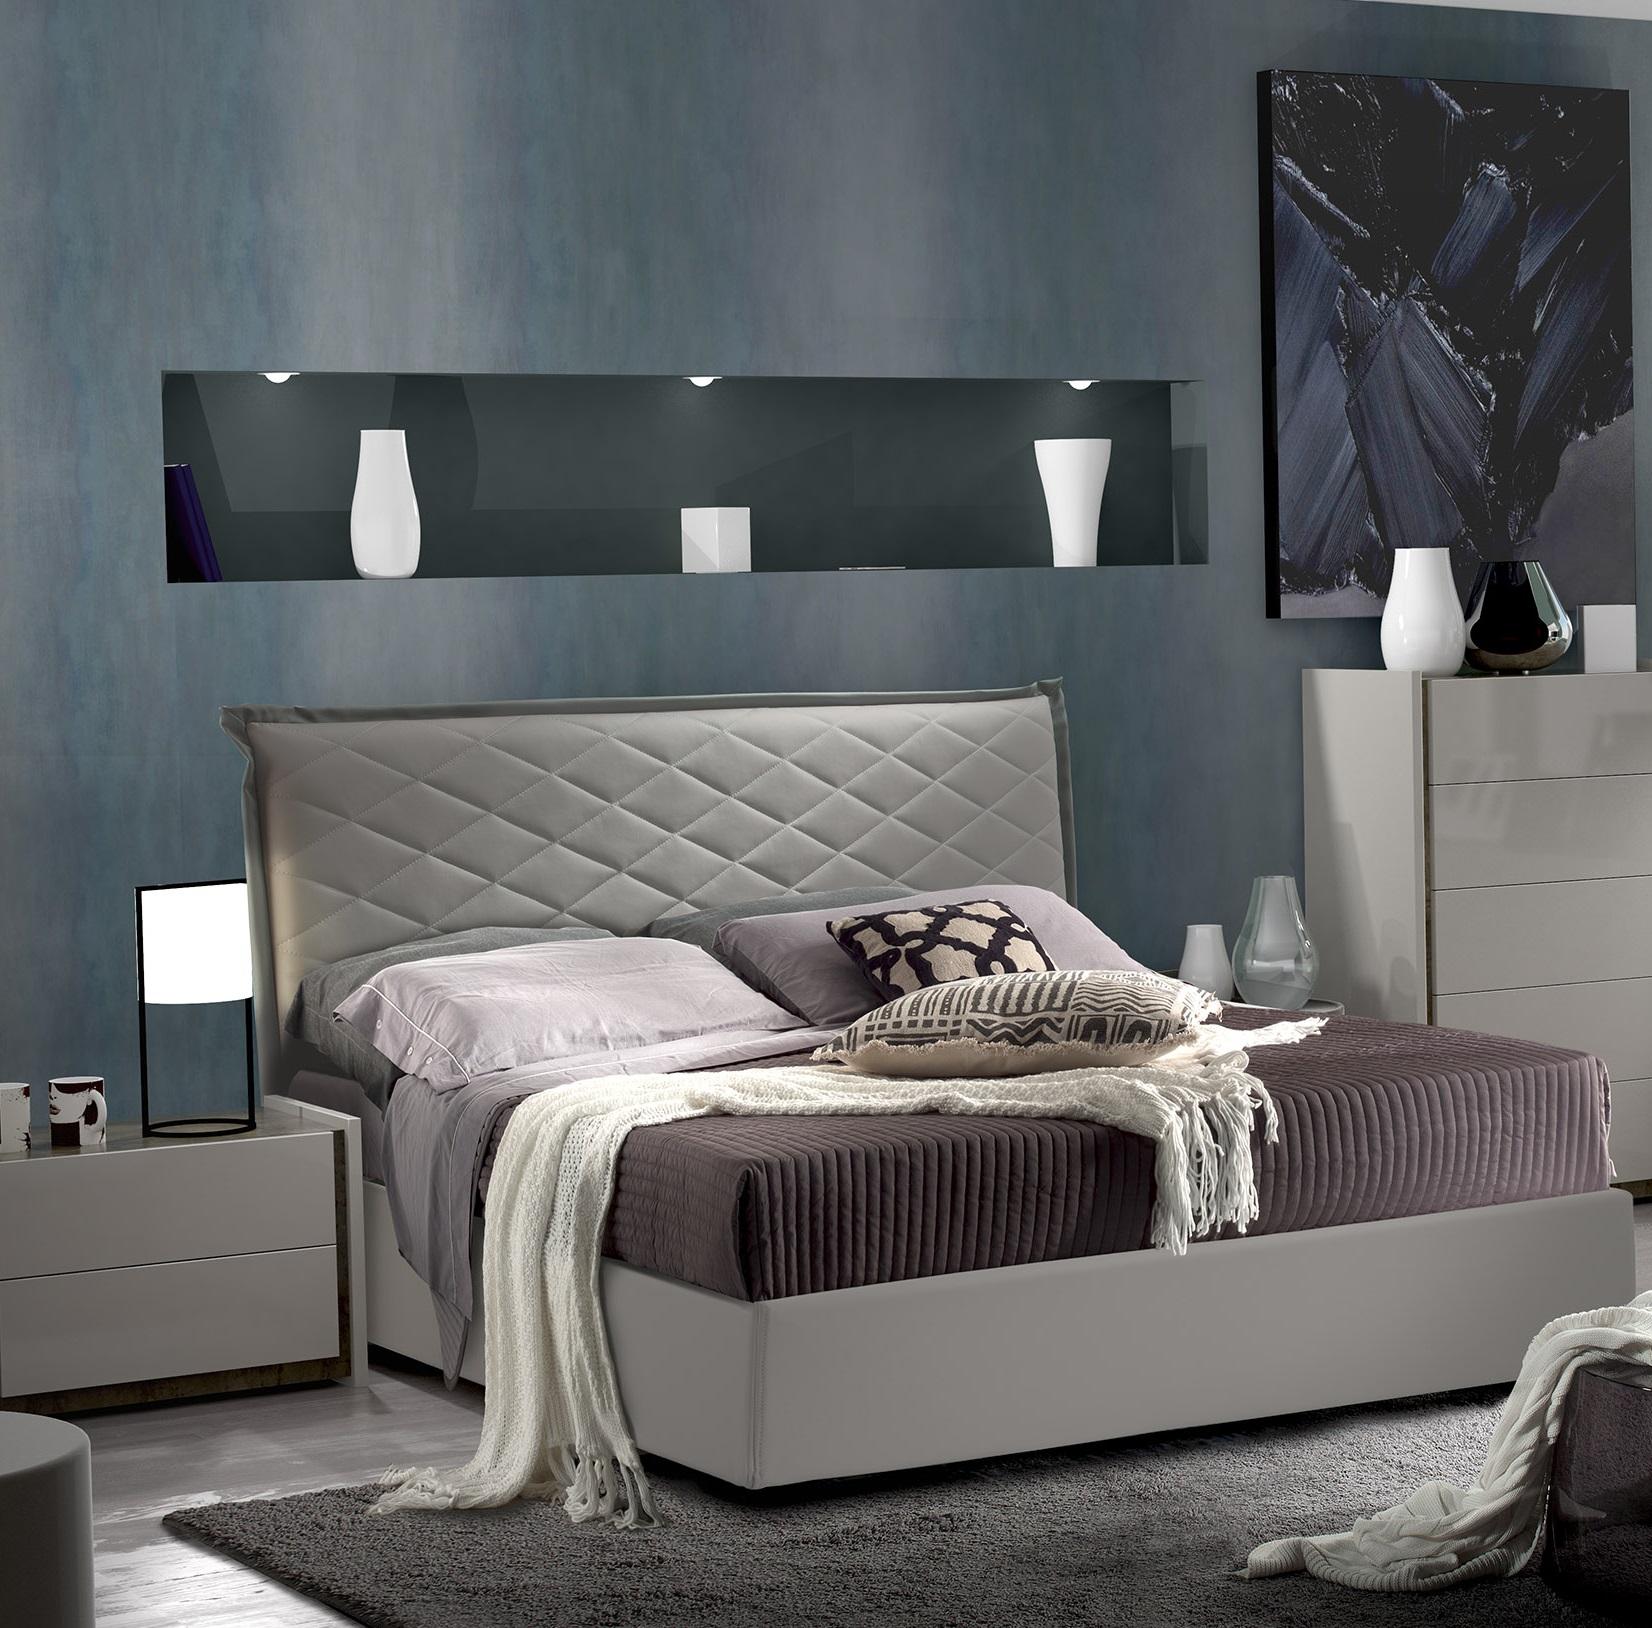 Full Size of Bett Mit Stauraum 160x200 Flexa Betten 200x180 Schubladen Weiß 100x200 Konfigurieren Sofa Relaxfunktion Elektrisch Ausziehbett Ruf Bettkasten 140x200 Bett Bett Mit Stauraum 160x200